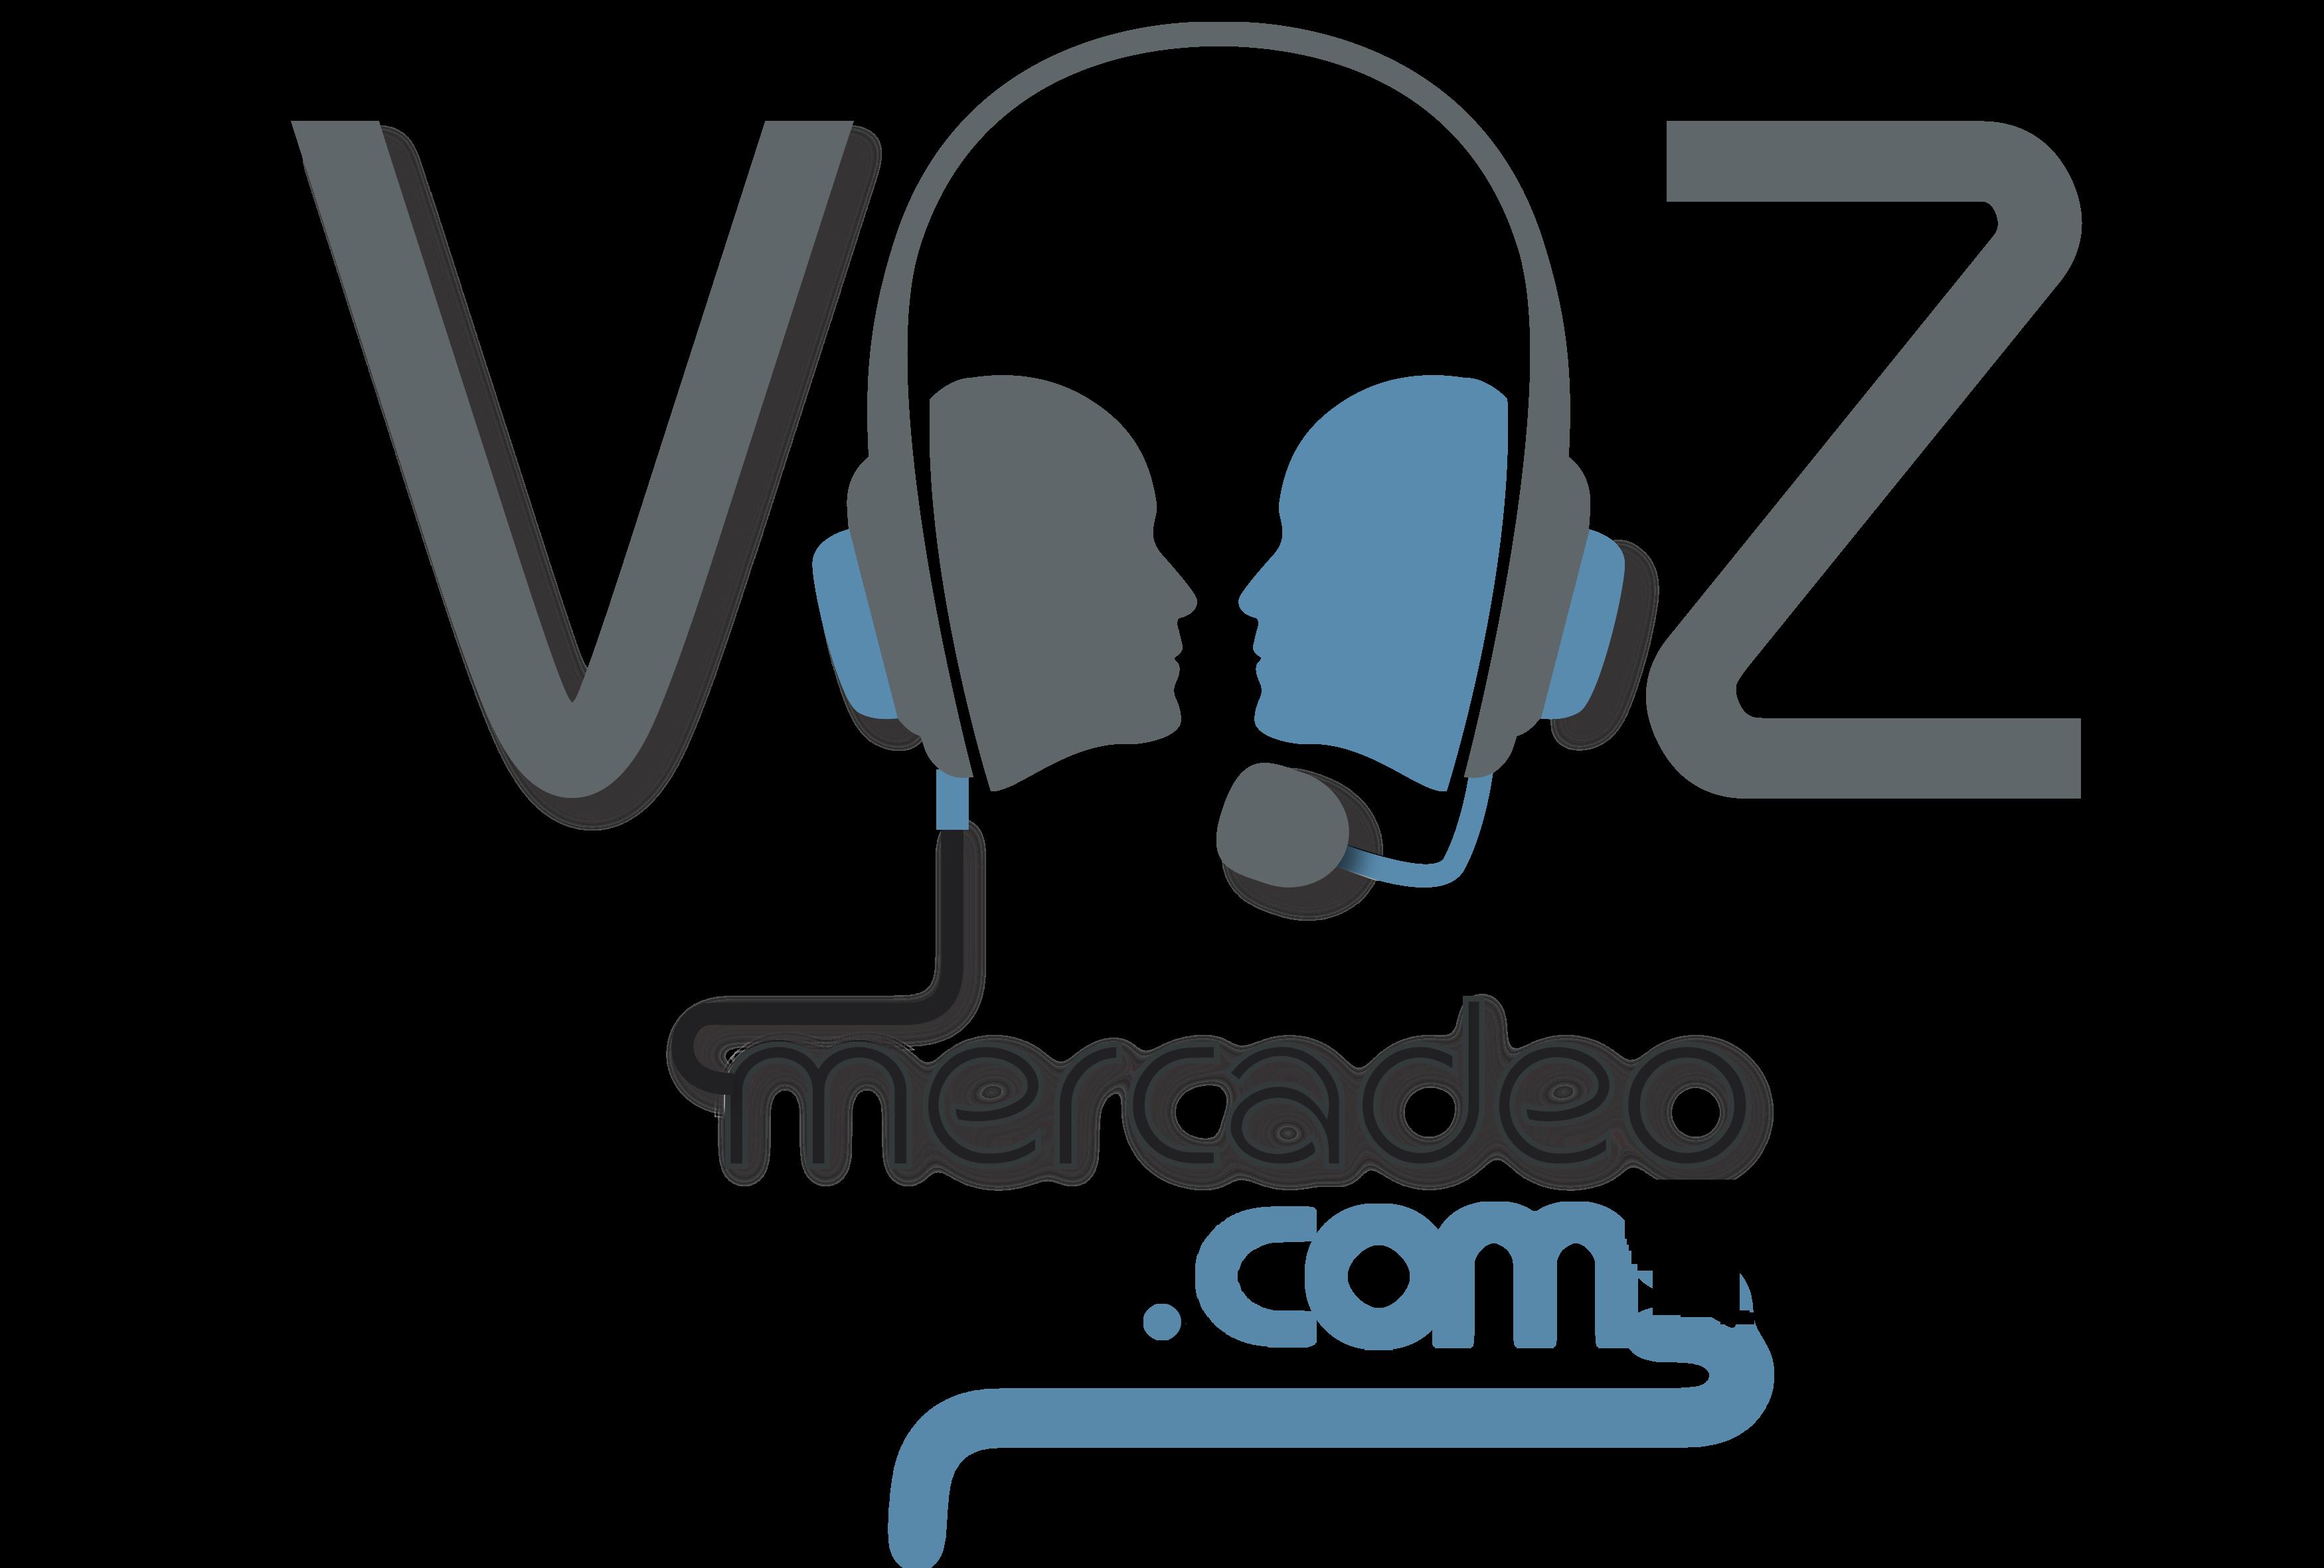 vozmercadeo.com